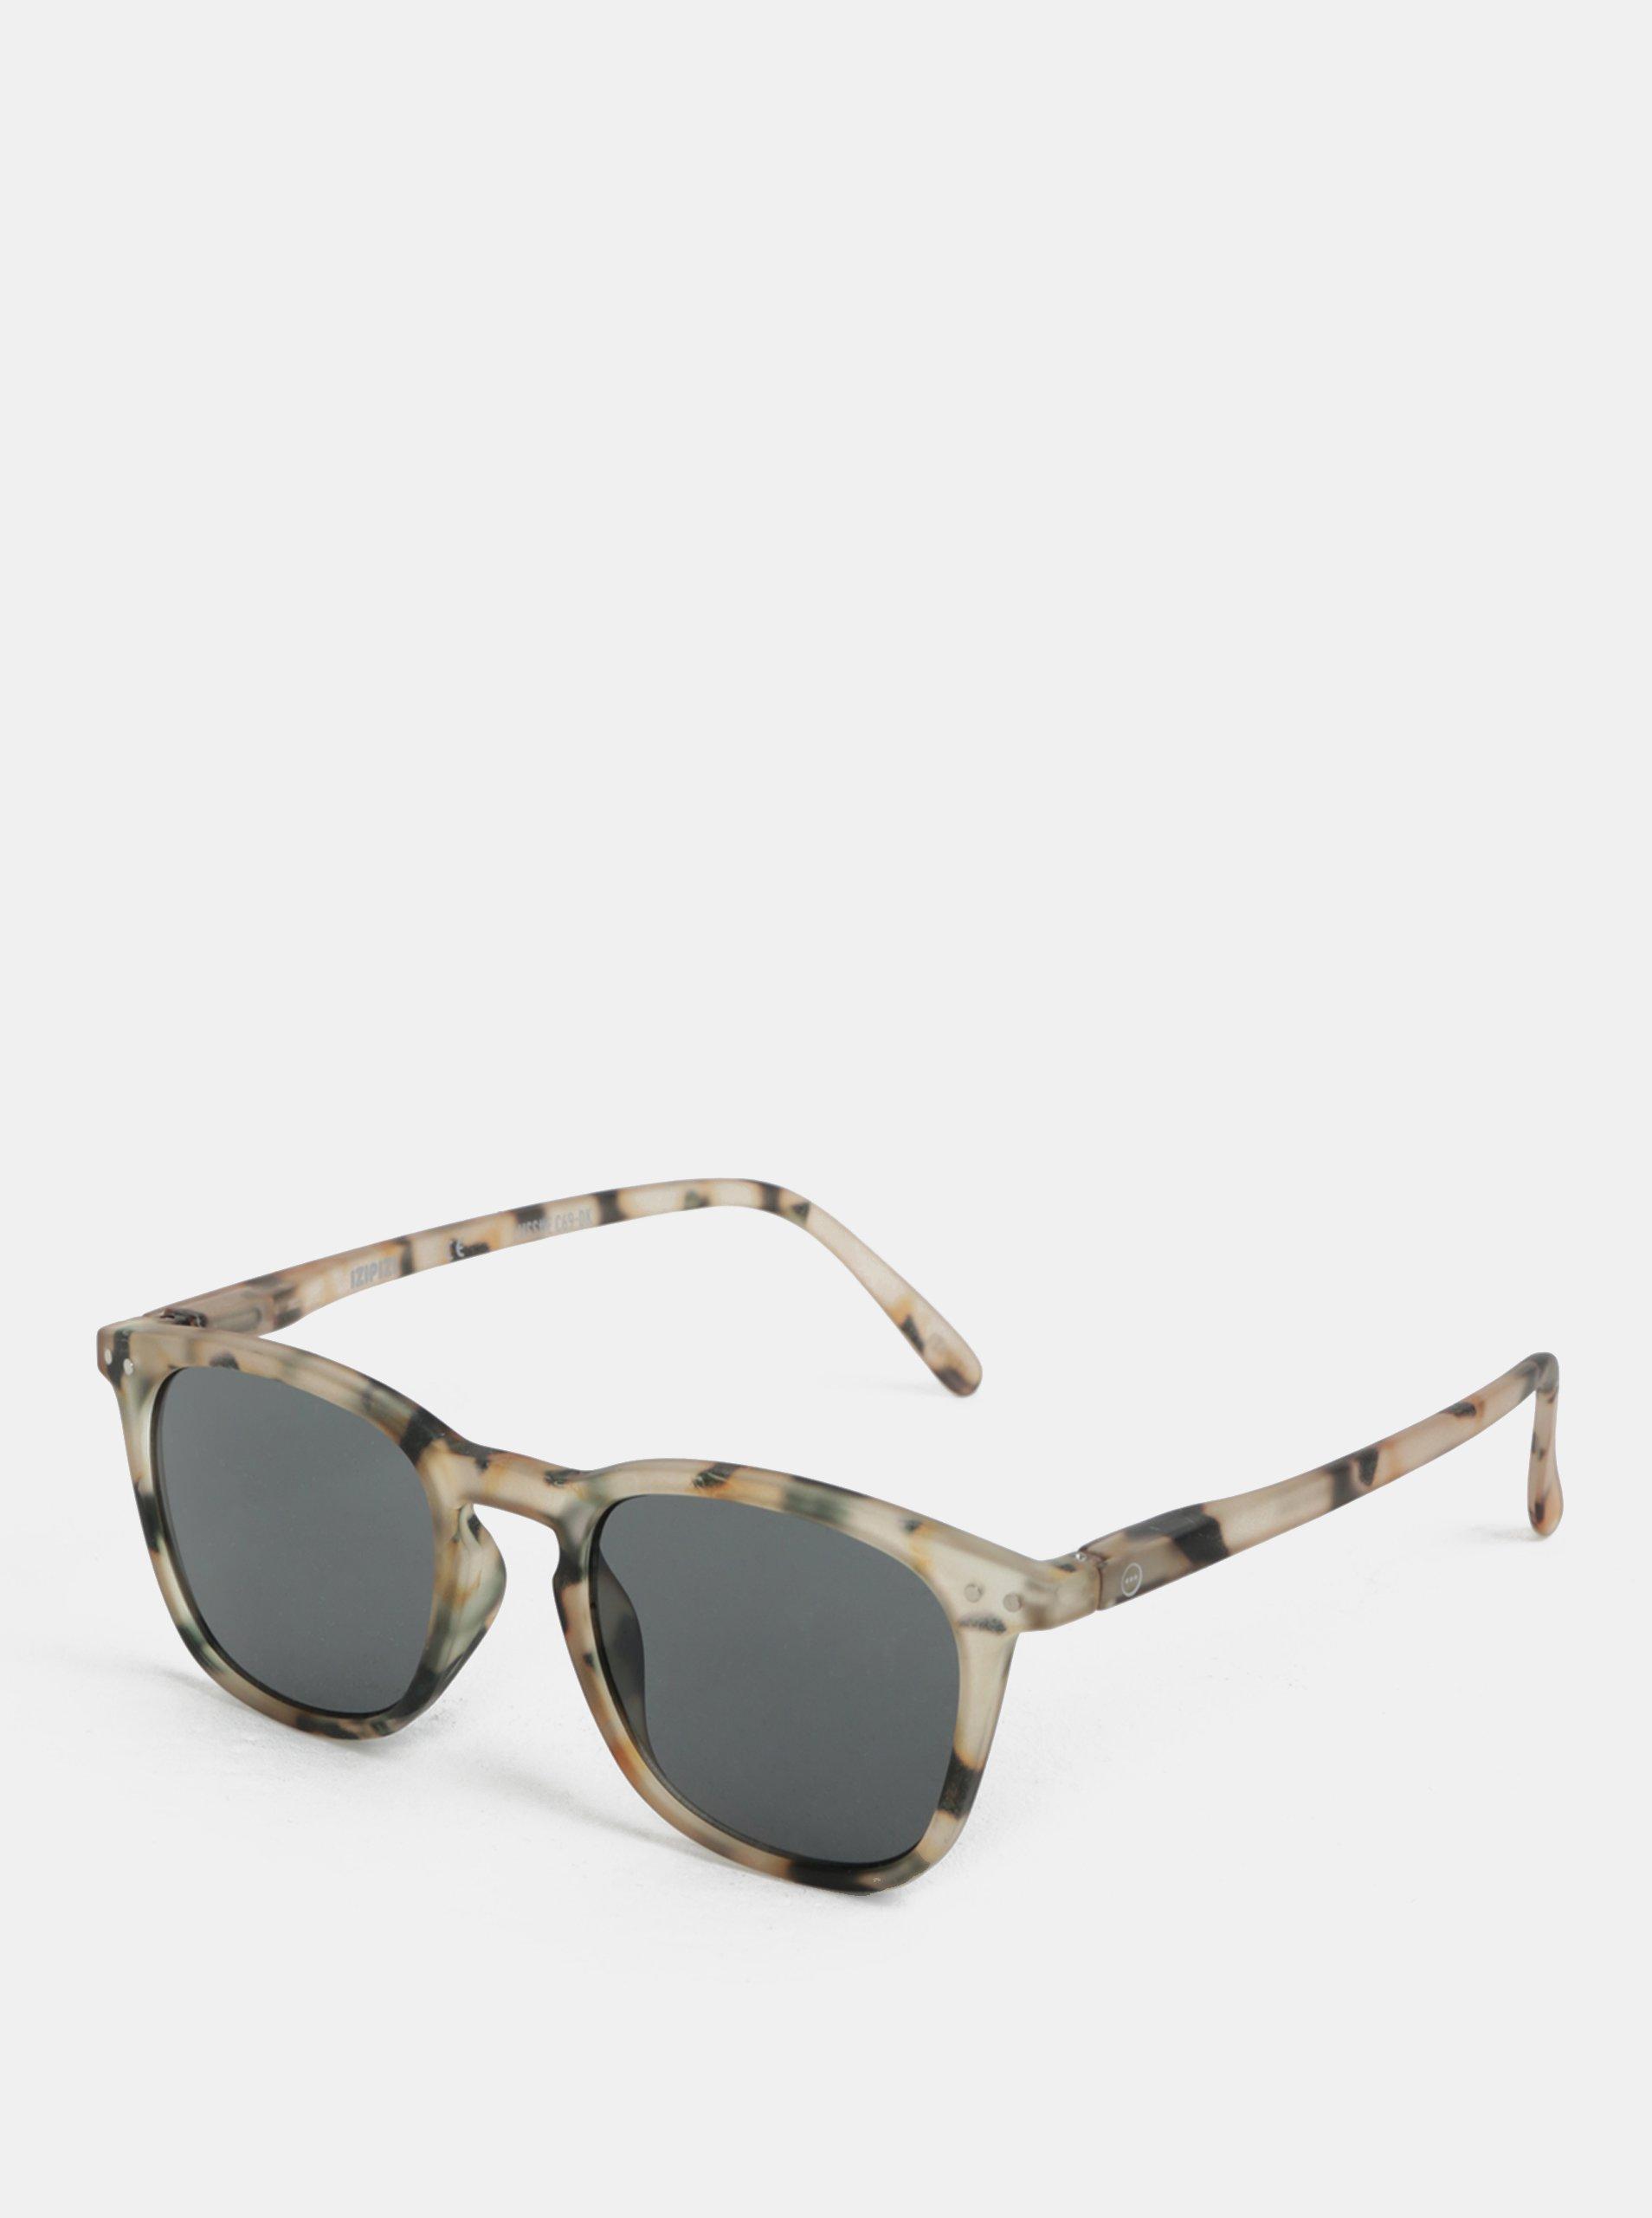 Čierno–béžové vzorované slnečné okuliare IZIPIZI #E